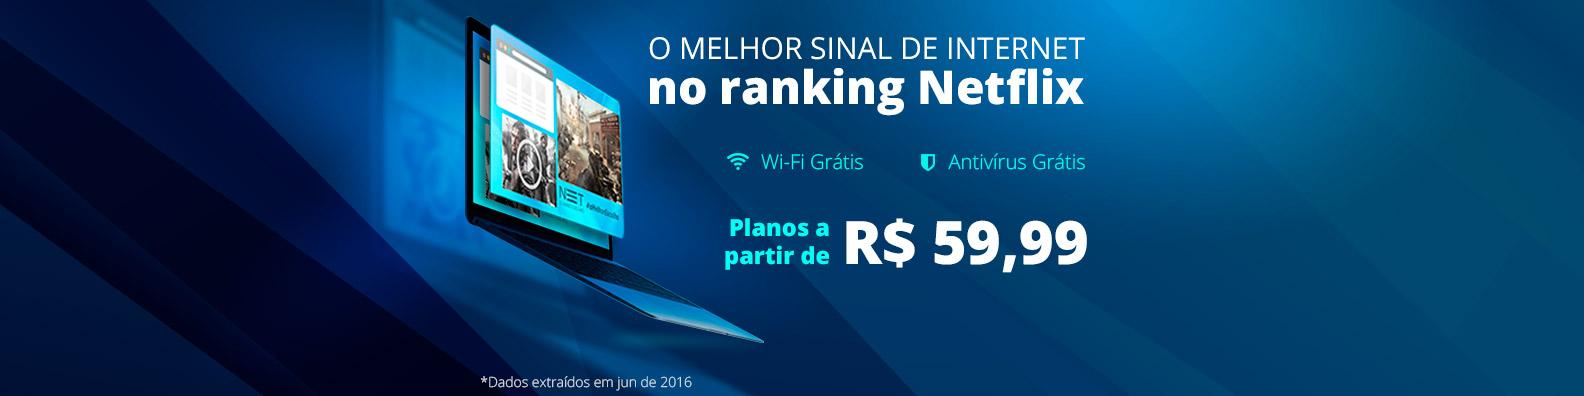 O melhor sinal de internet no ranking netflix.